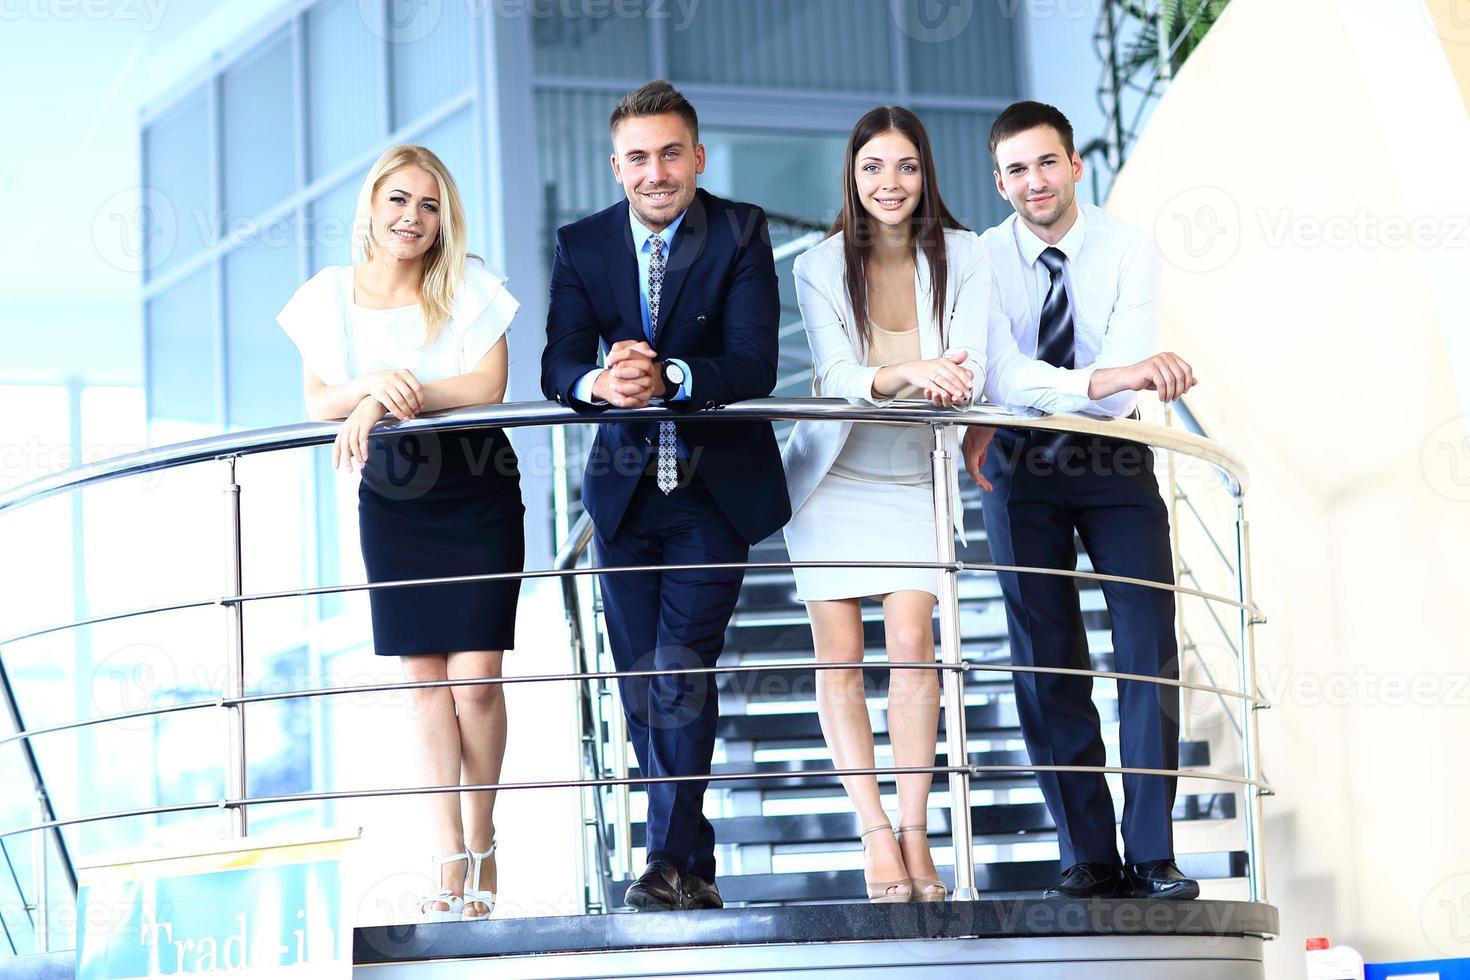 Retrato de grupo empresarial positivo foto